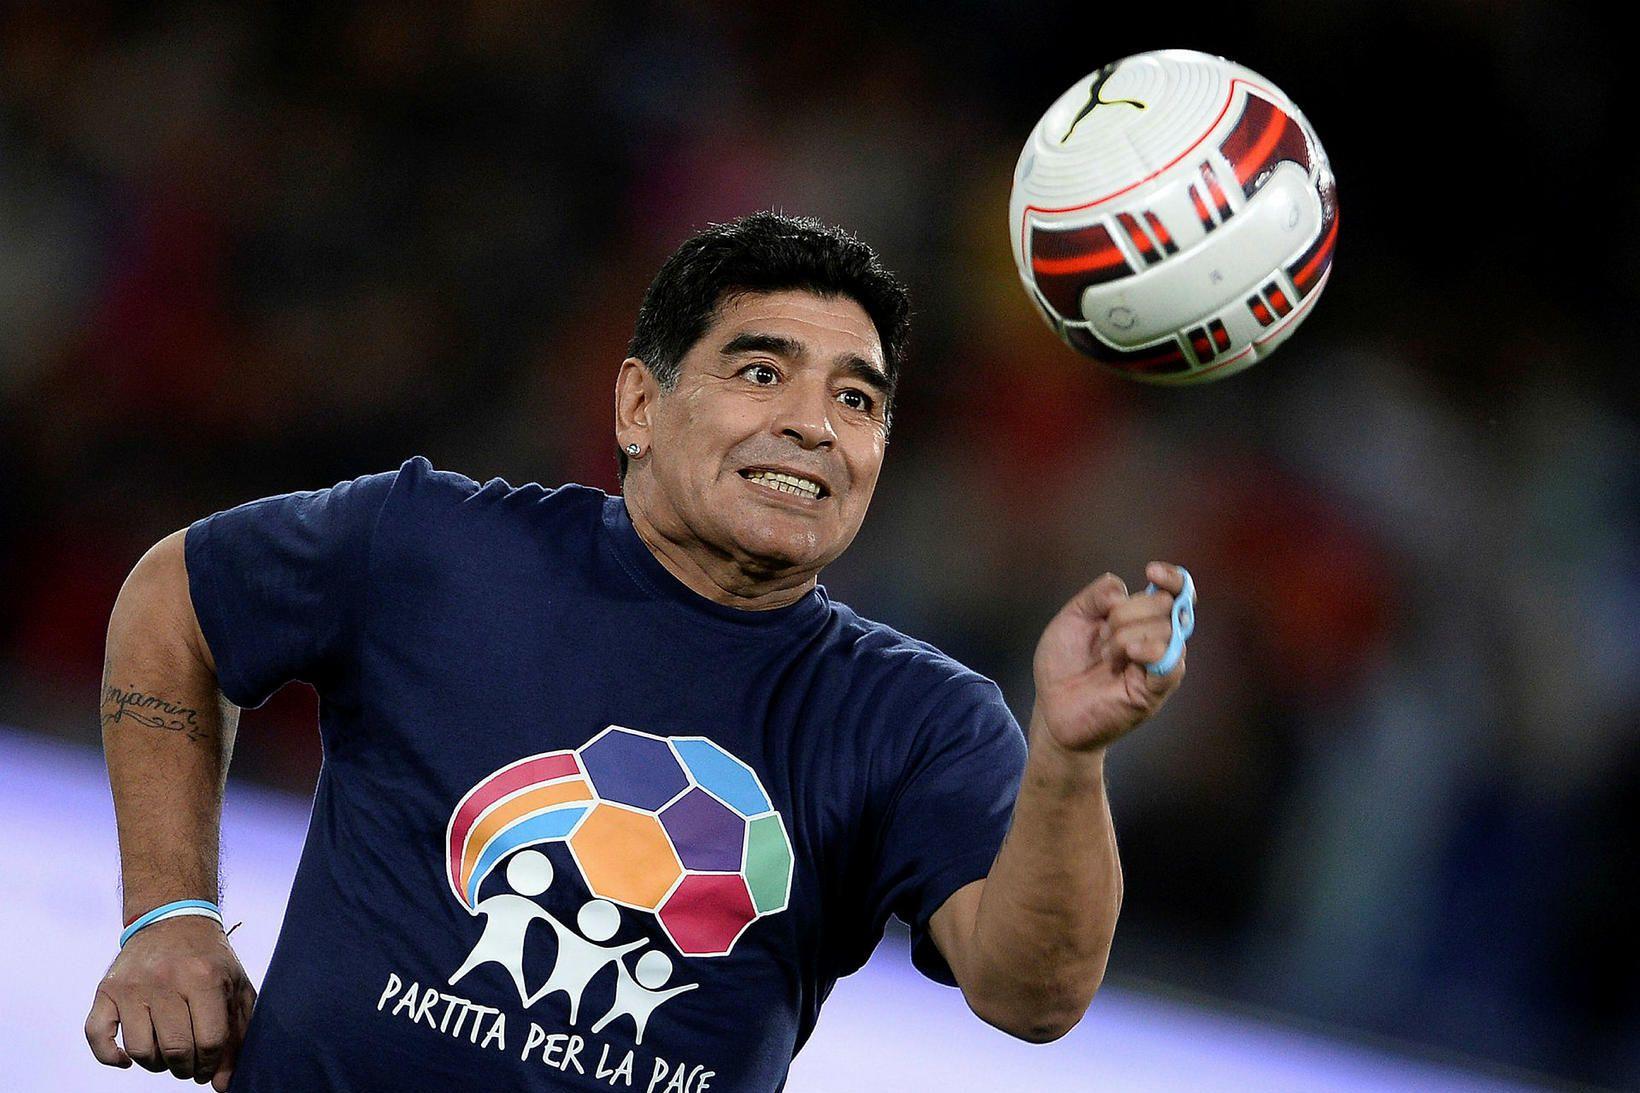 Diego Armando Maradona lést á heimili sínu í gær en …